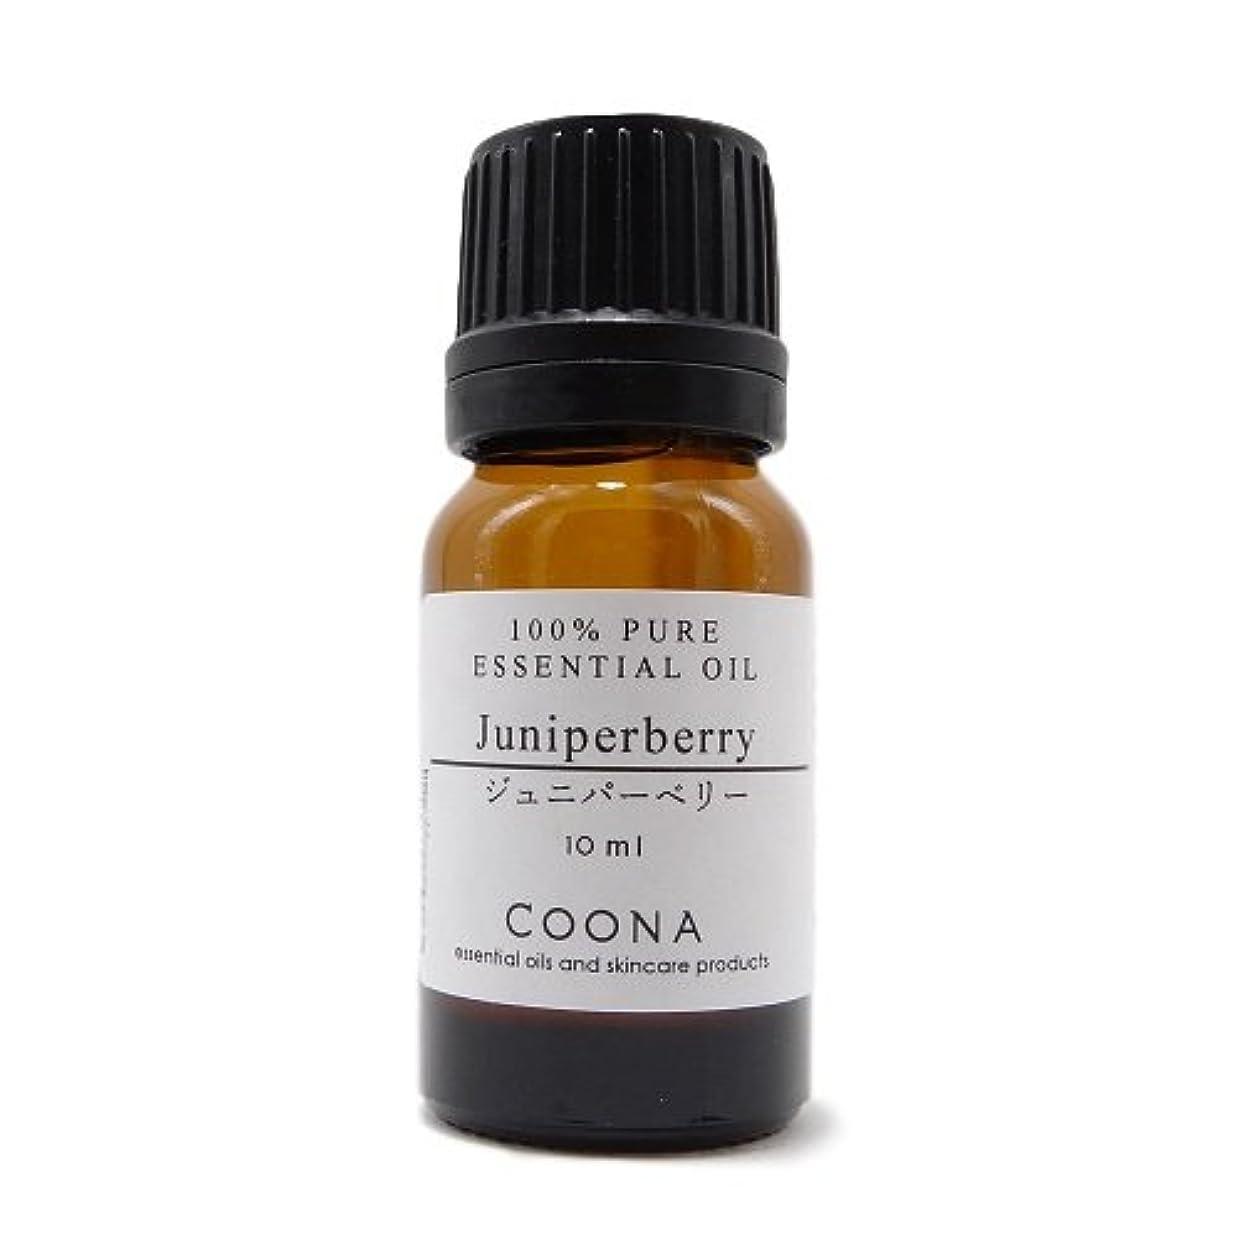 バスケットボール水陸両用計画的ジュニパーベリー 10 ml (COONA エッセンシャルオイル アロマオイル 100%天然植物精油)